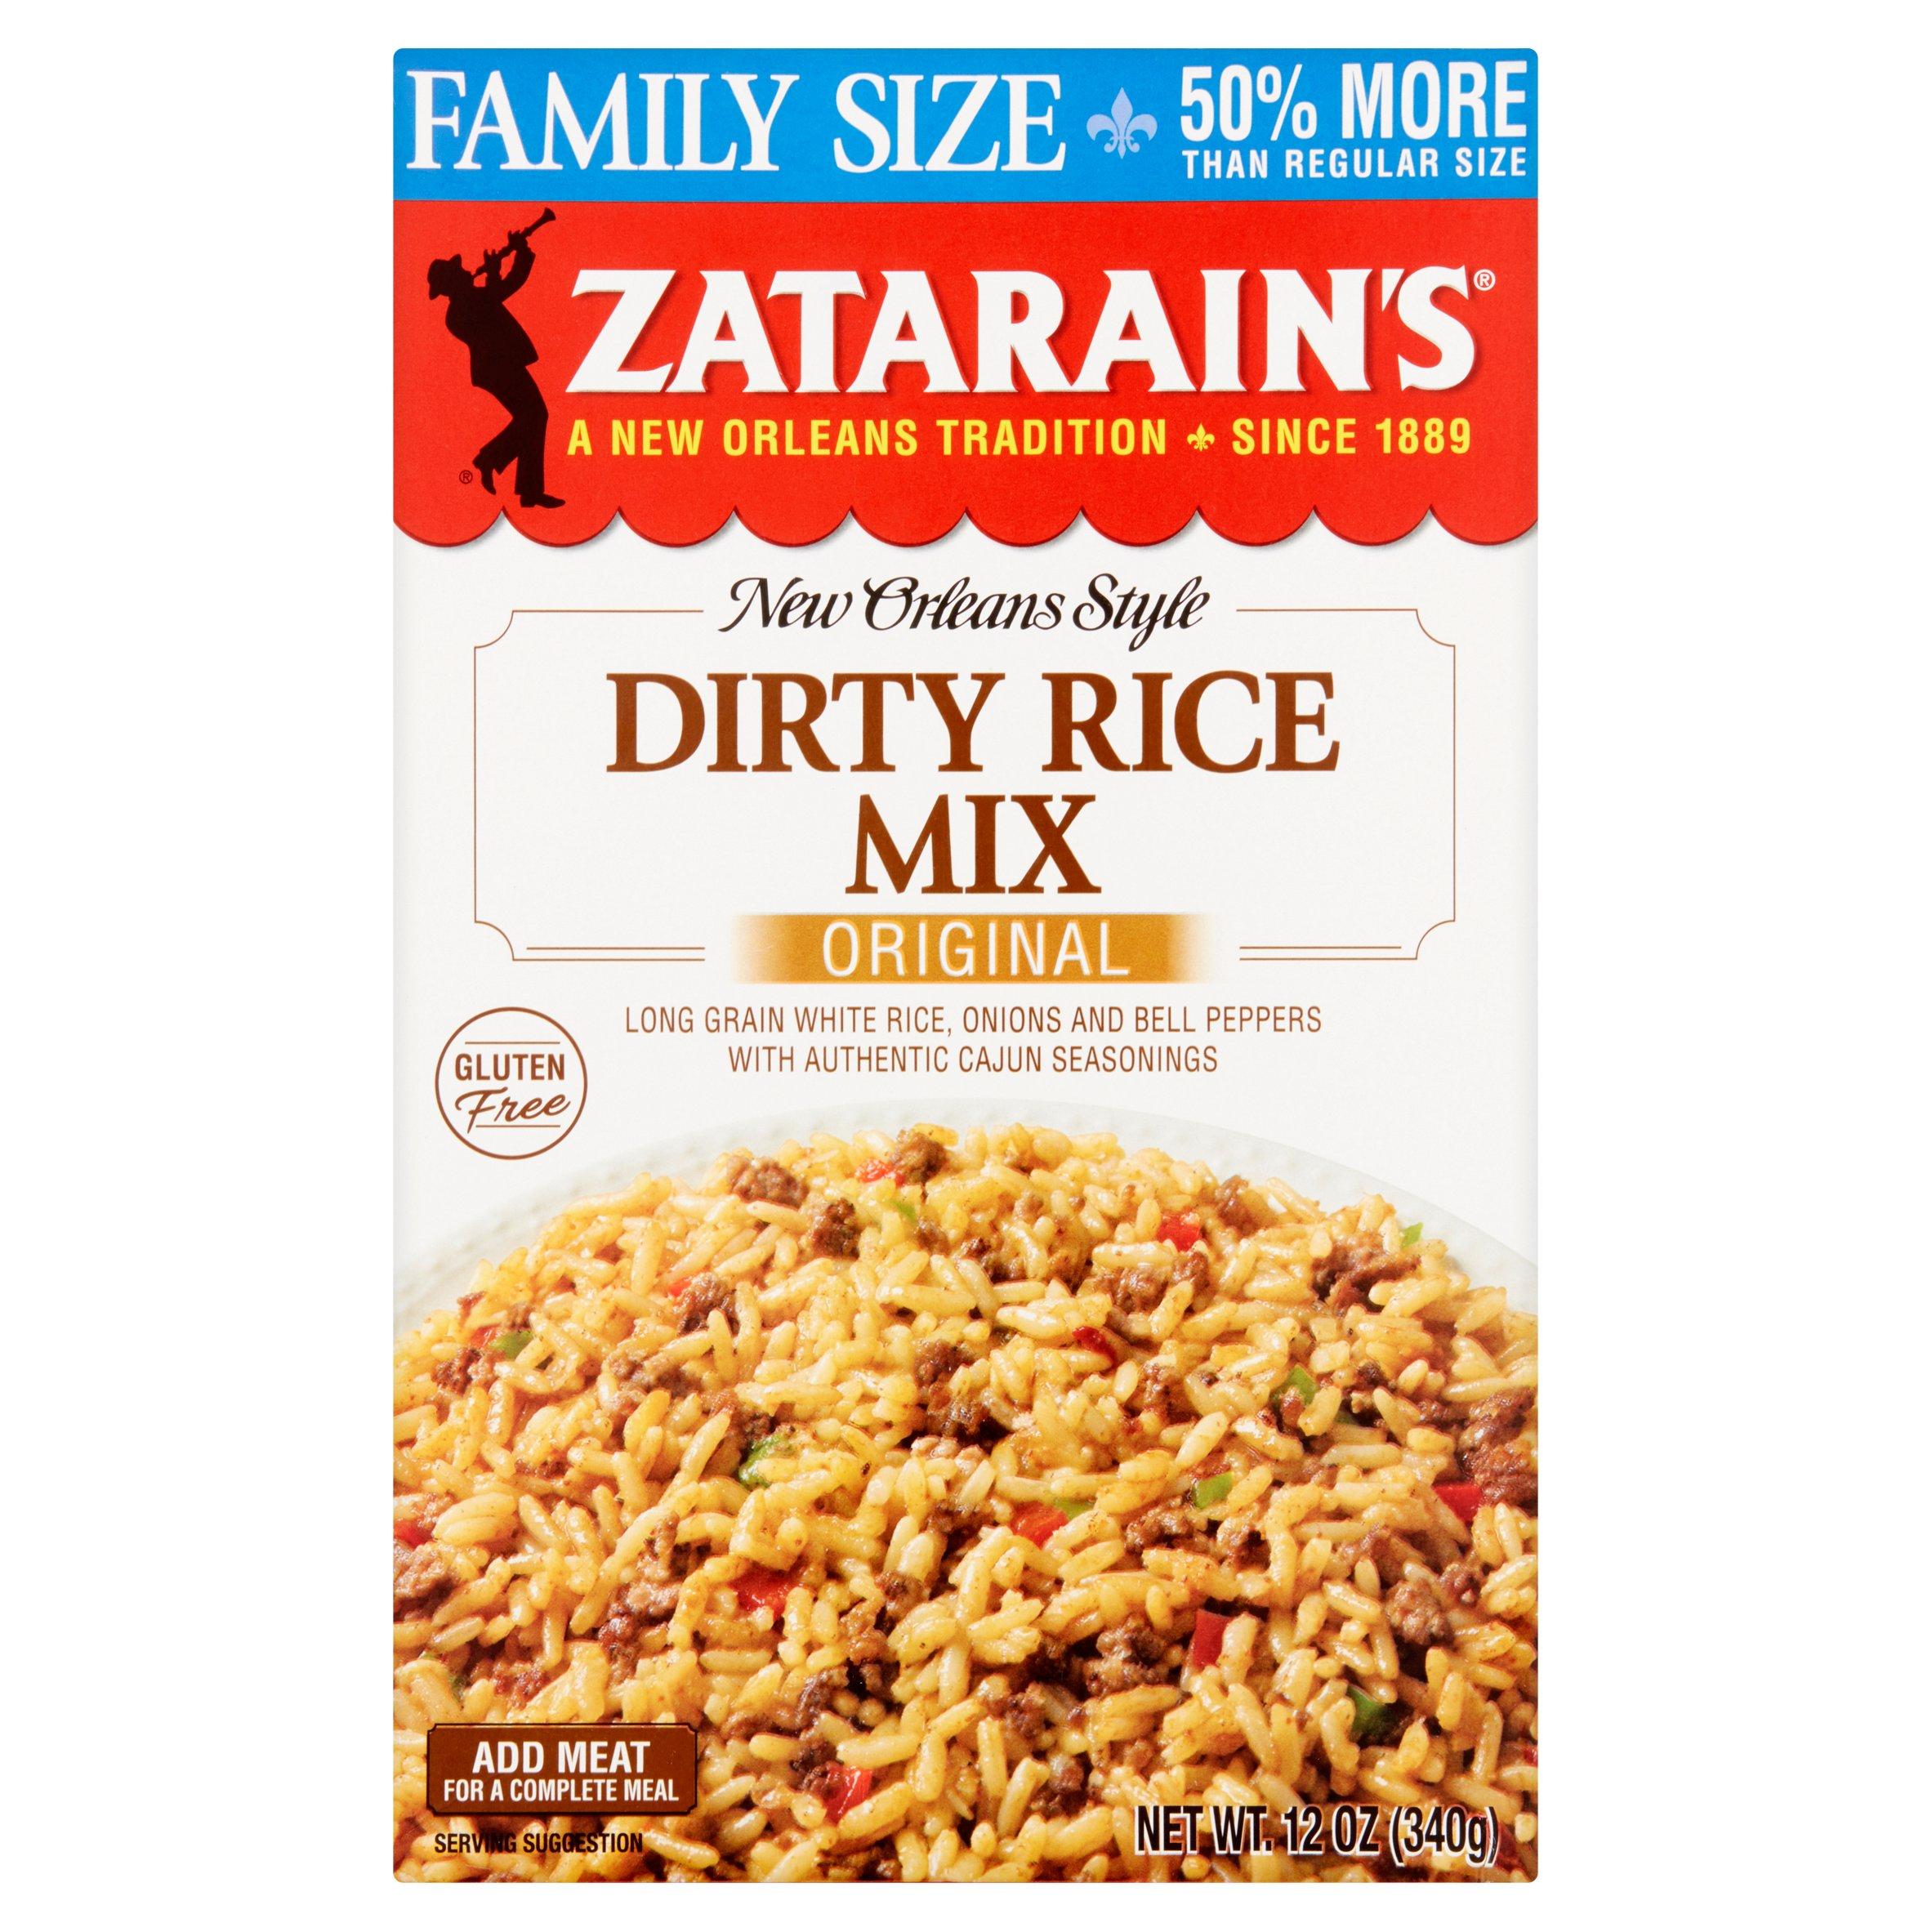 Zatarain's New Orleans Style Original Dirty Rice Mix Family Size, 12 oz by Zatarain's